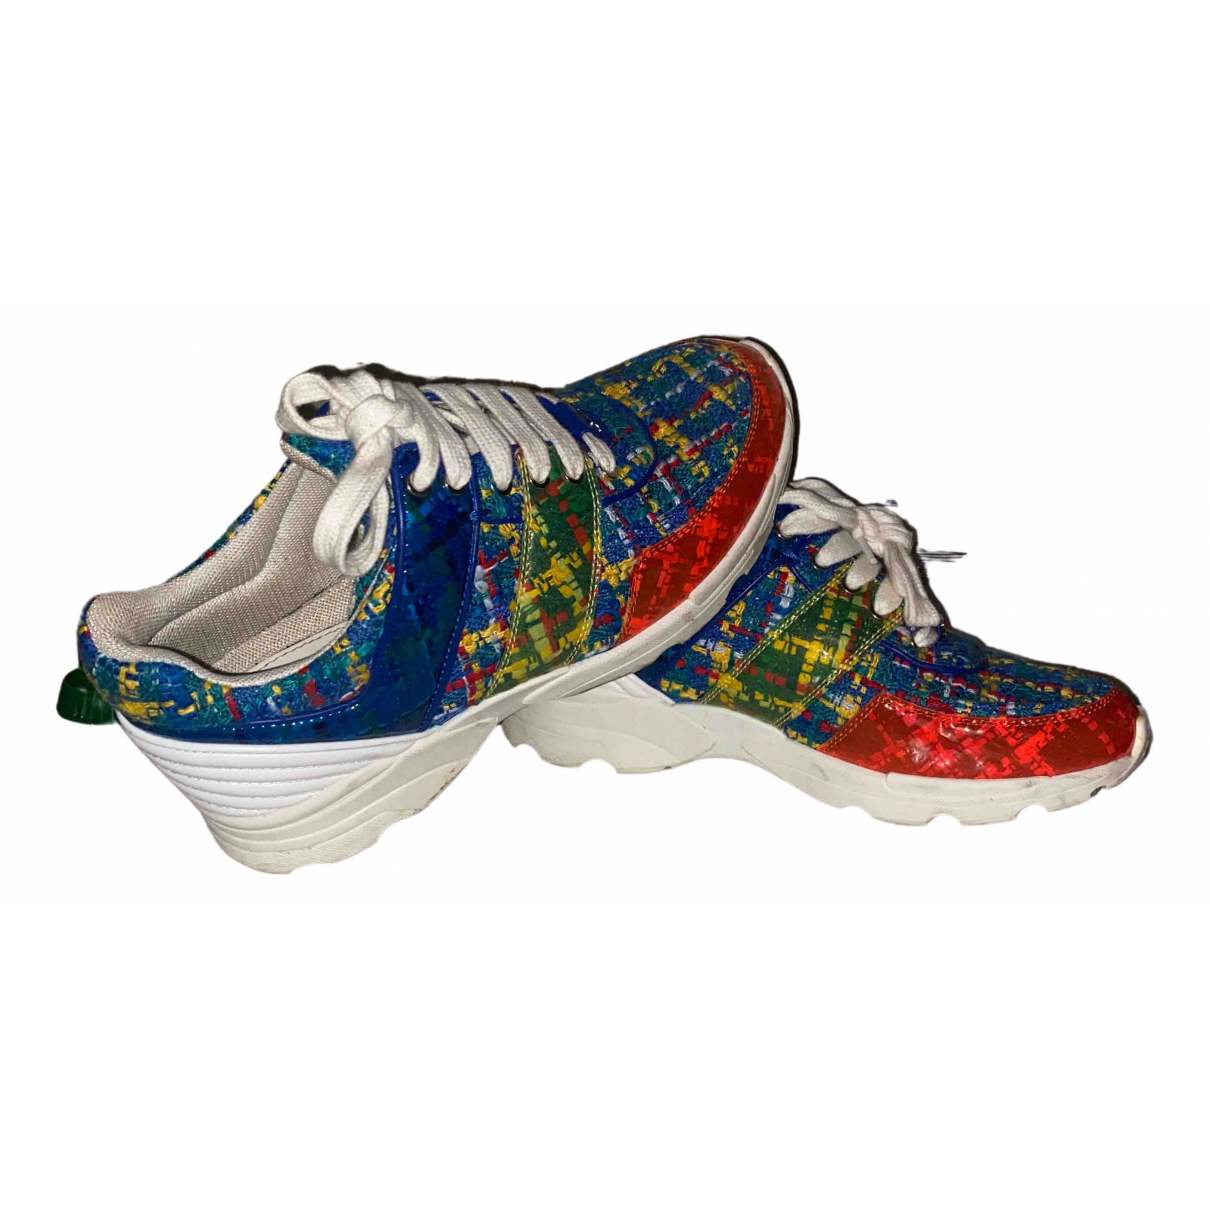 Chanel \N Sneakers in  Bunt Tweed